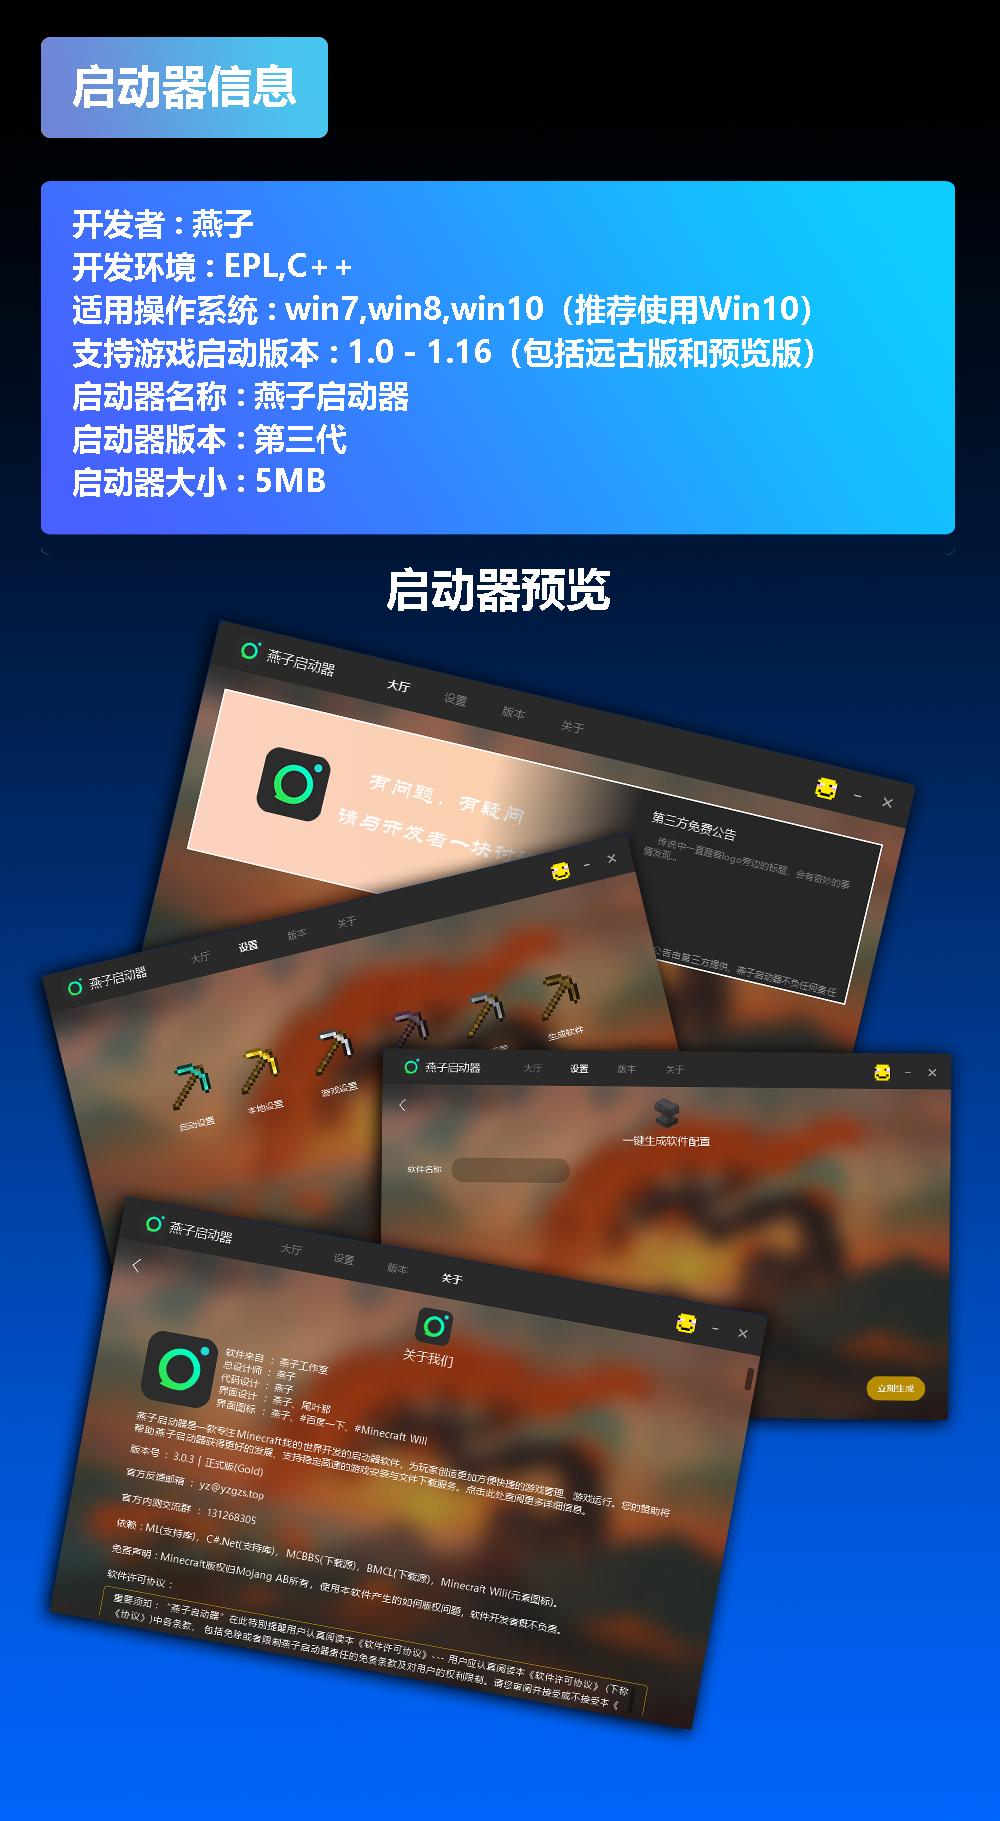 燕子启动器3.0.6正式版 我的世界启动器